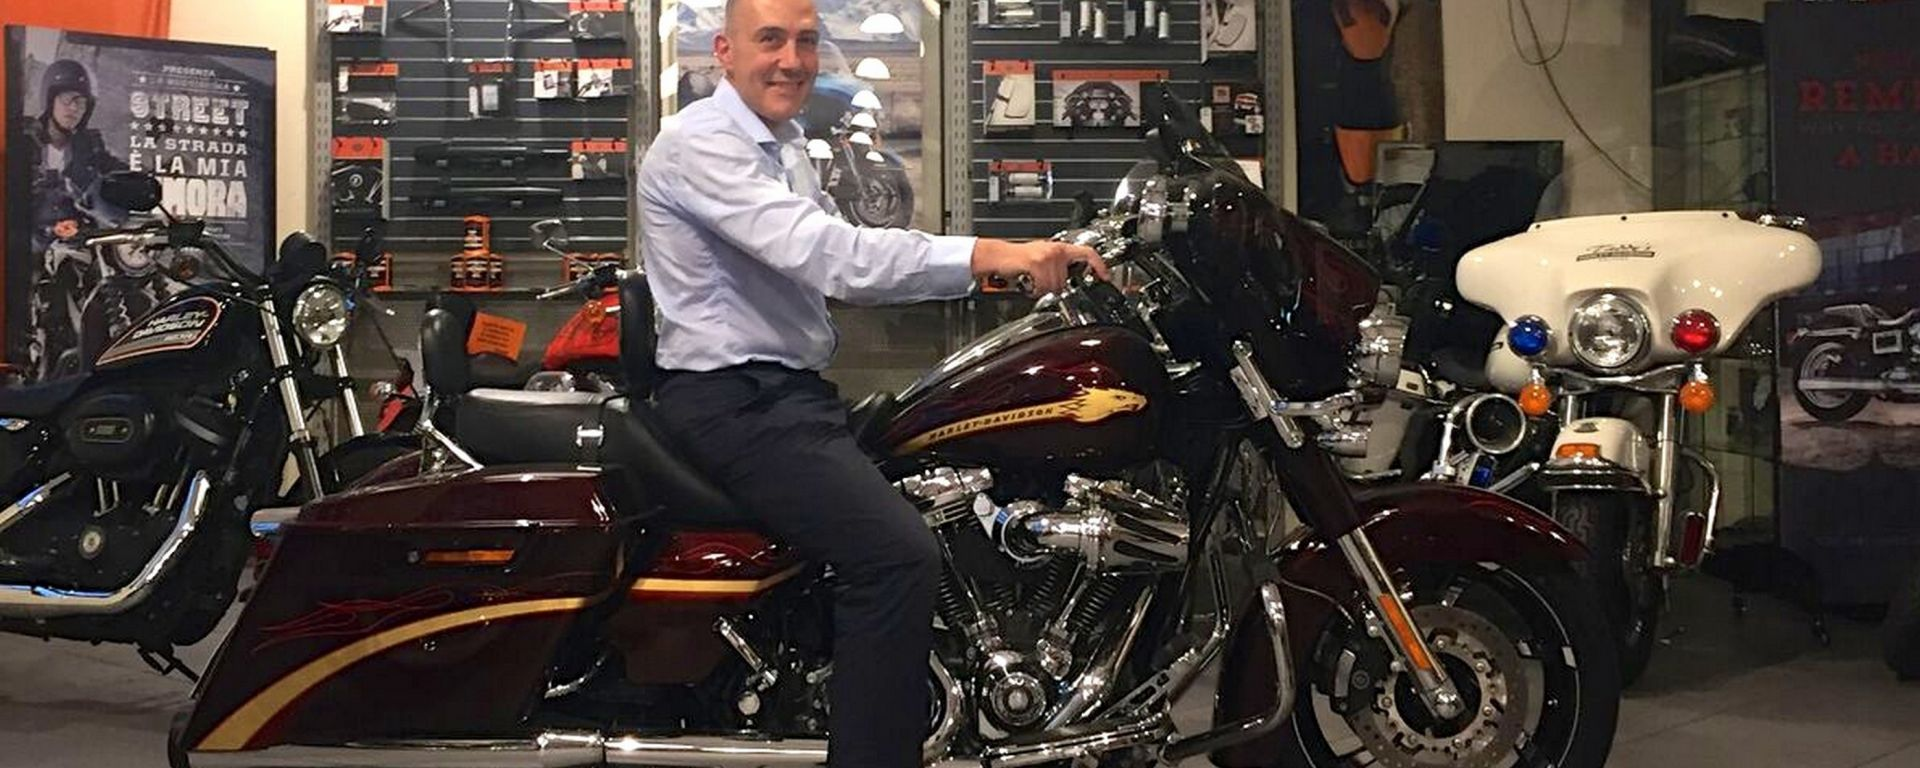 Walter Borroni, vincitore del concorso Discover More di Harley-Davidson